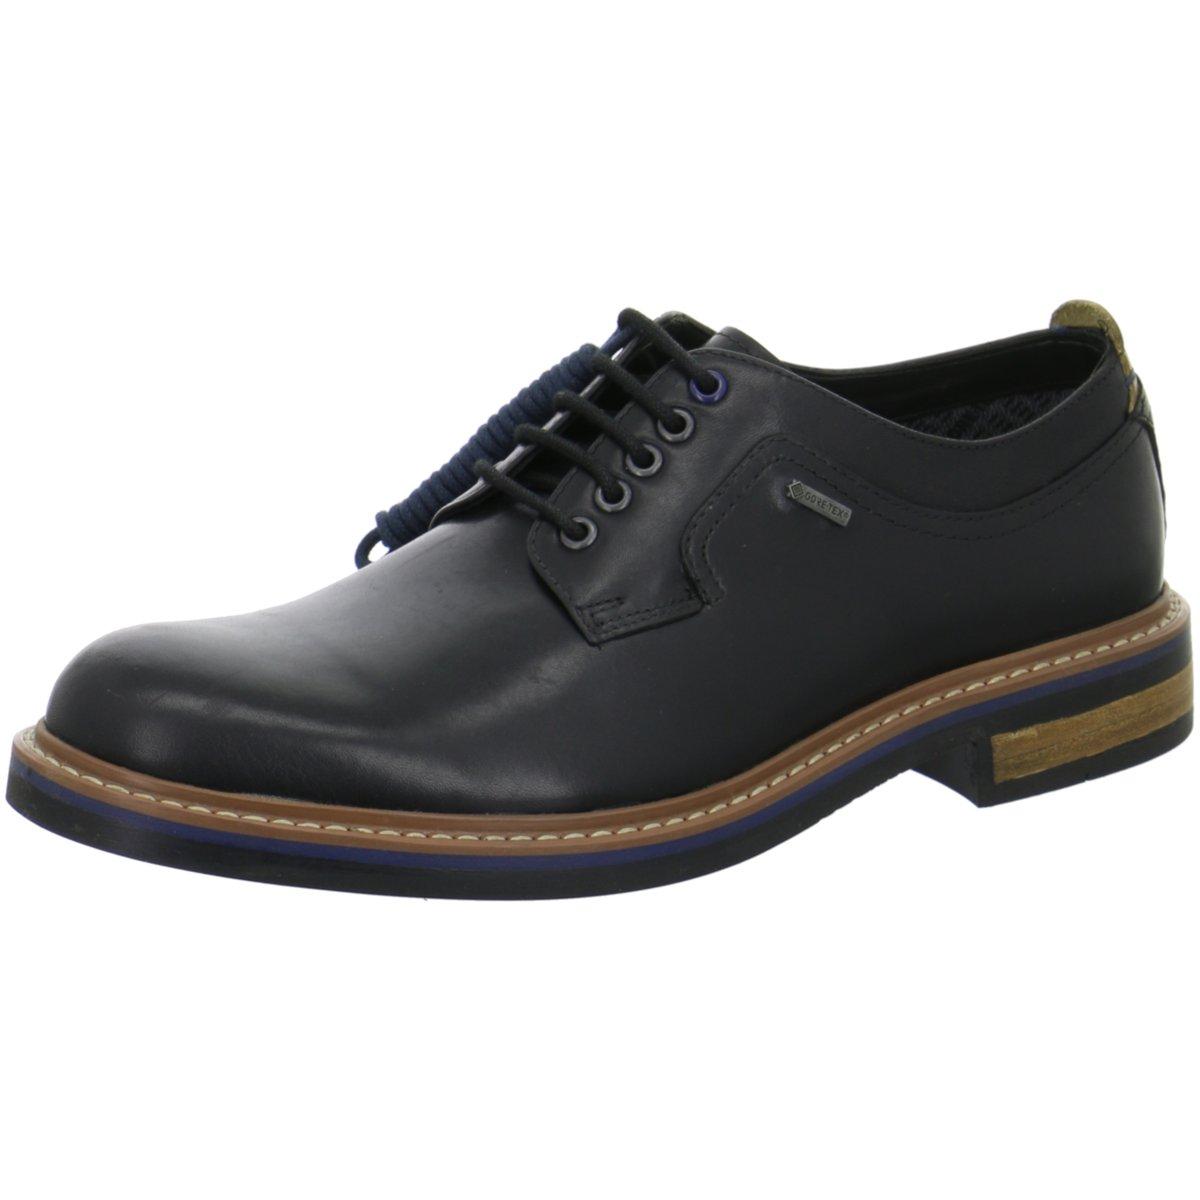 Clarks Herren Must-Haves 26120768 Darby Walk GTX schwarz 181109    | Angemessener Preis